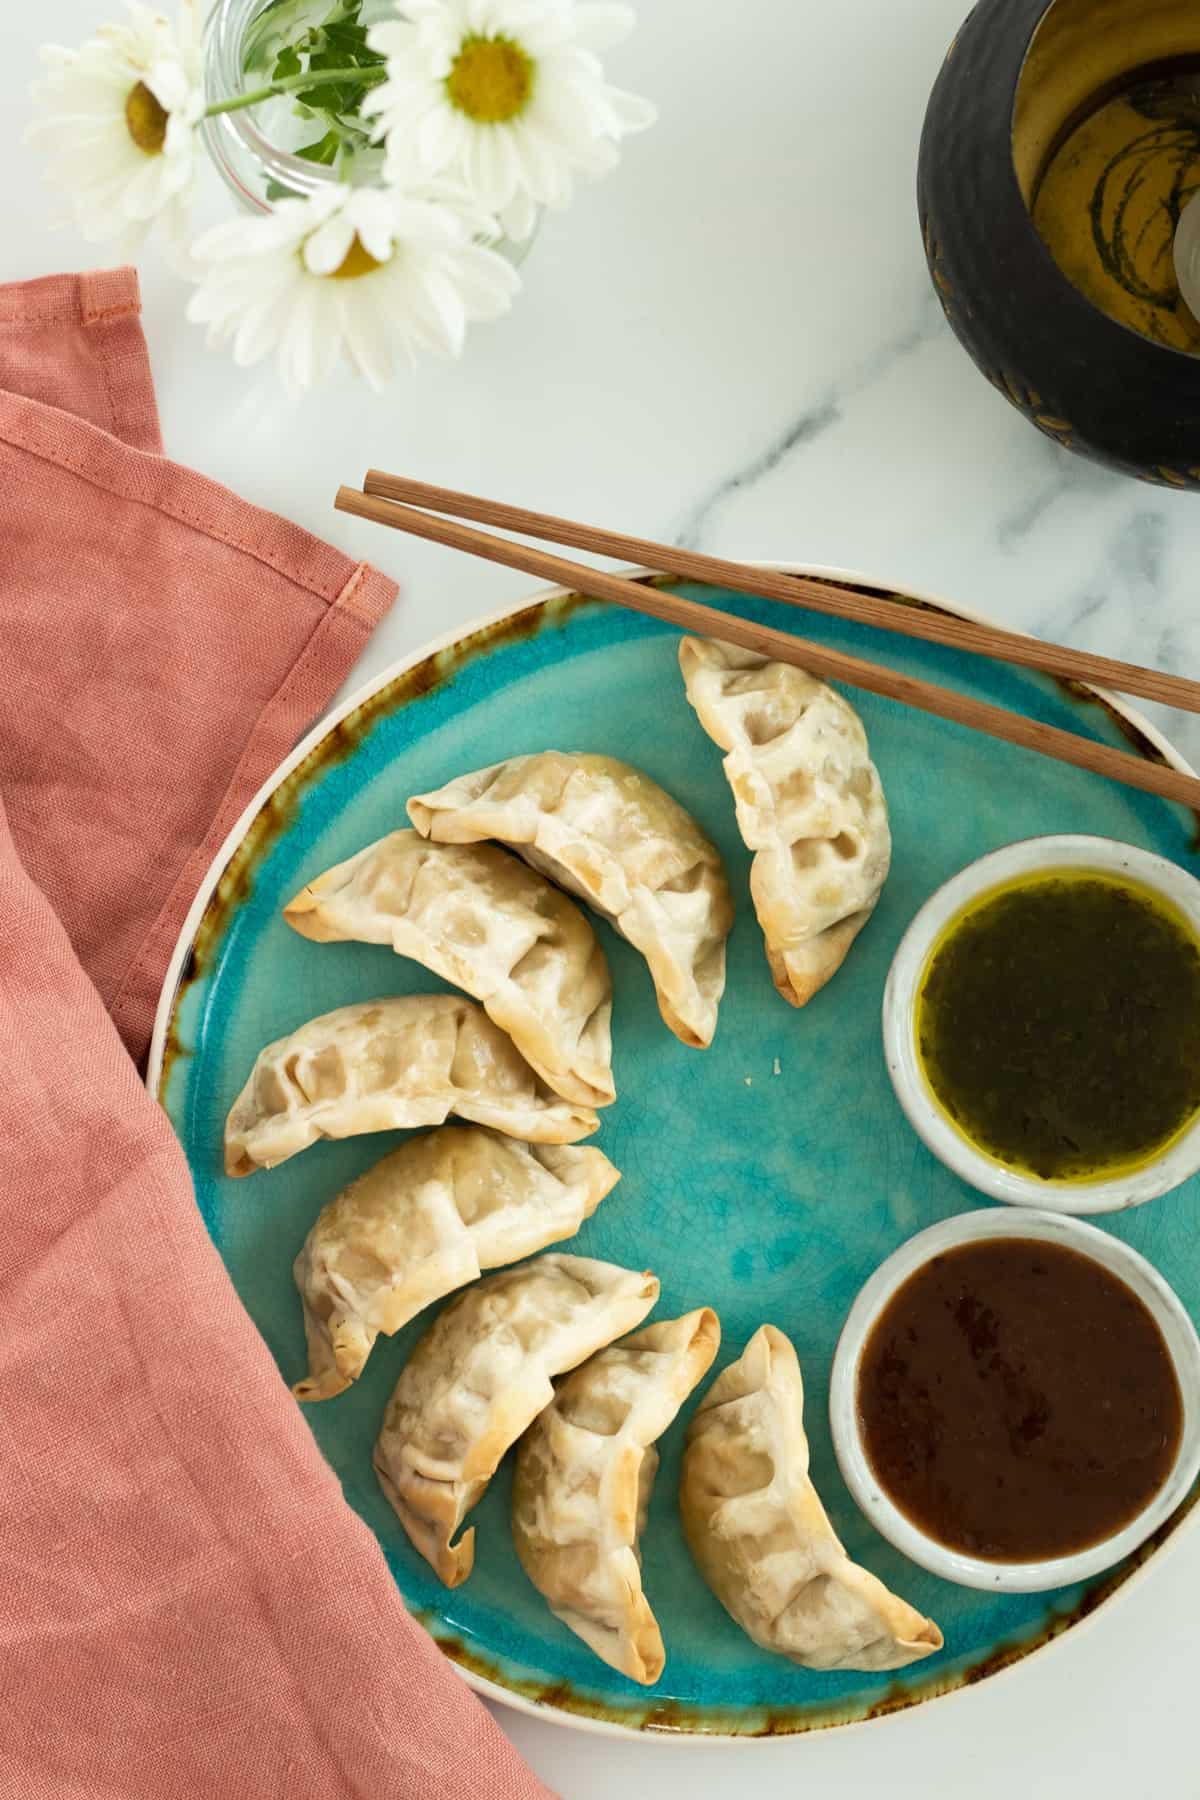 dumplings on a blue plate